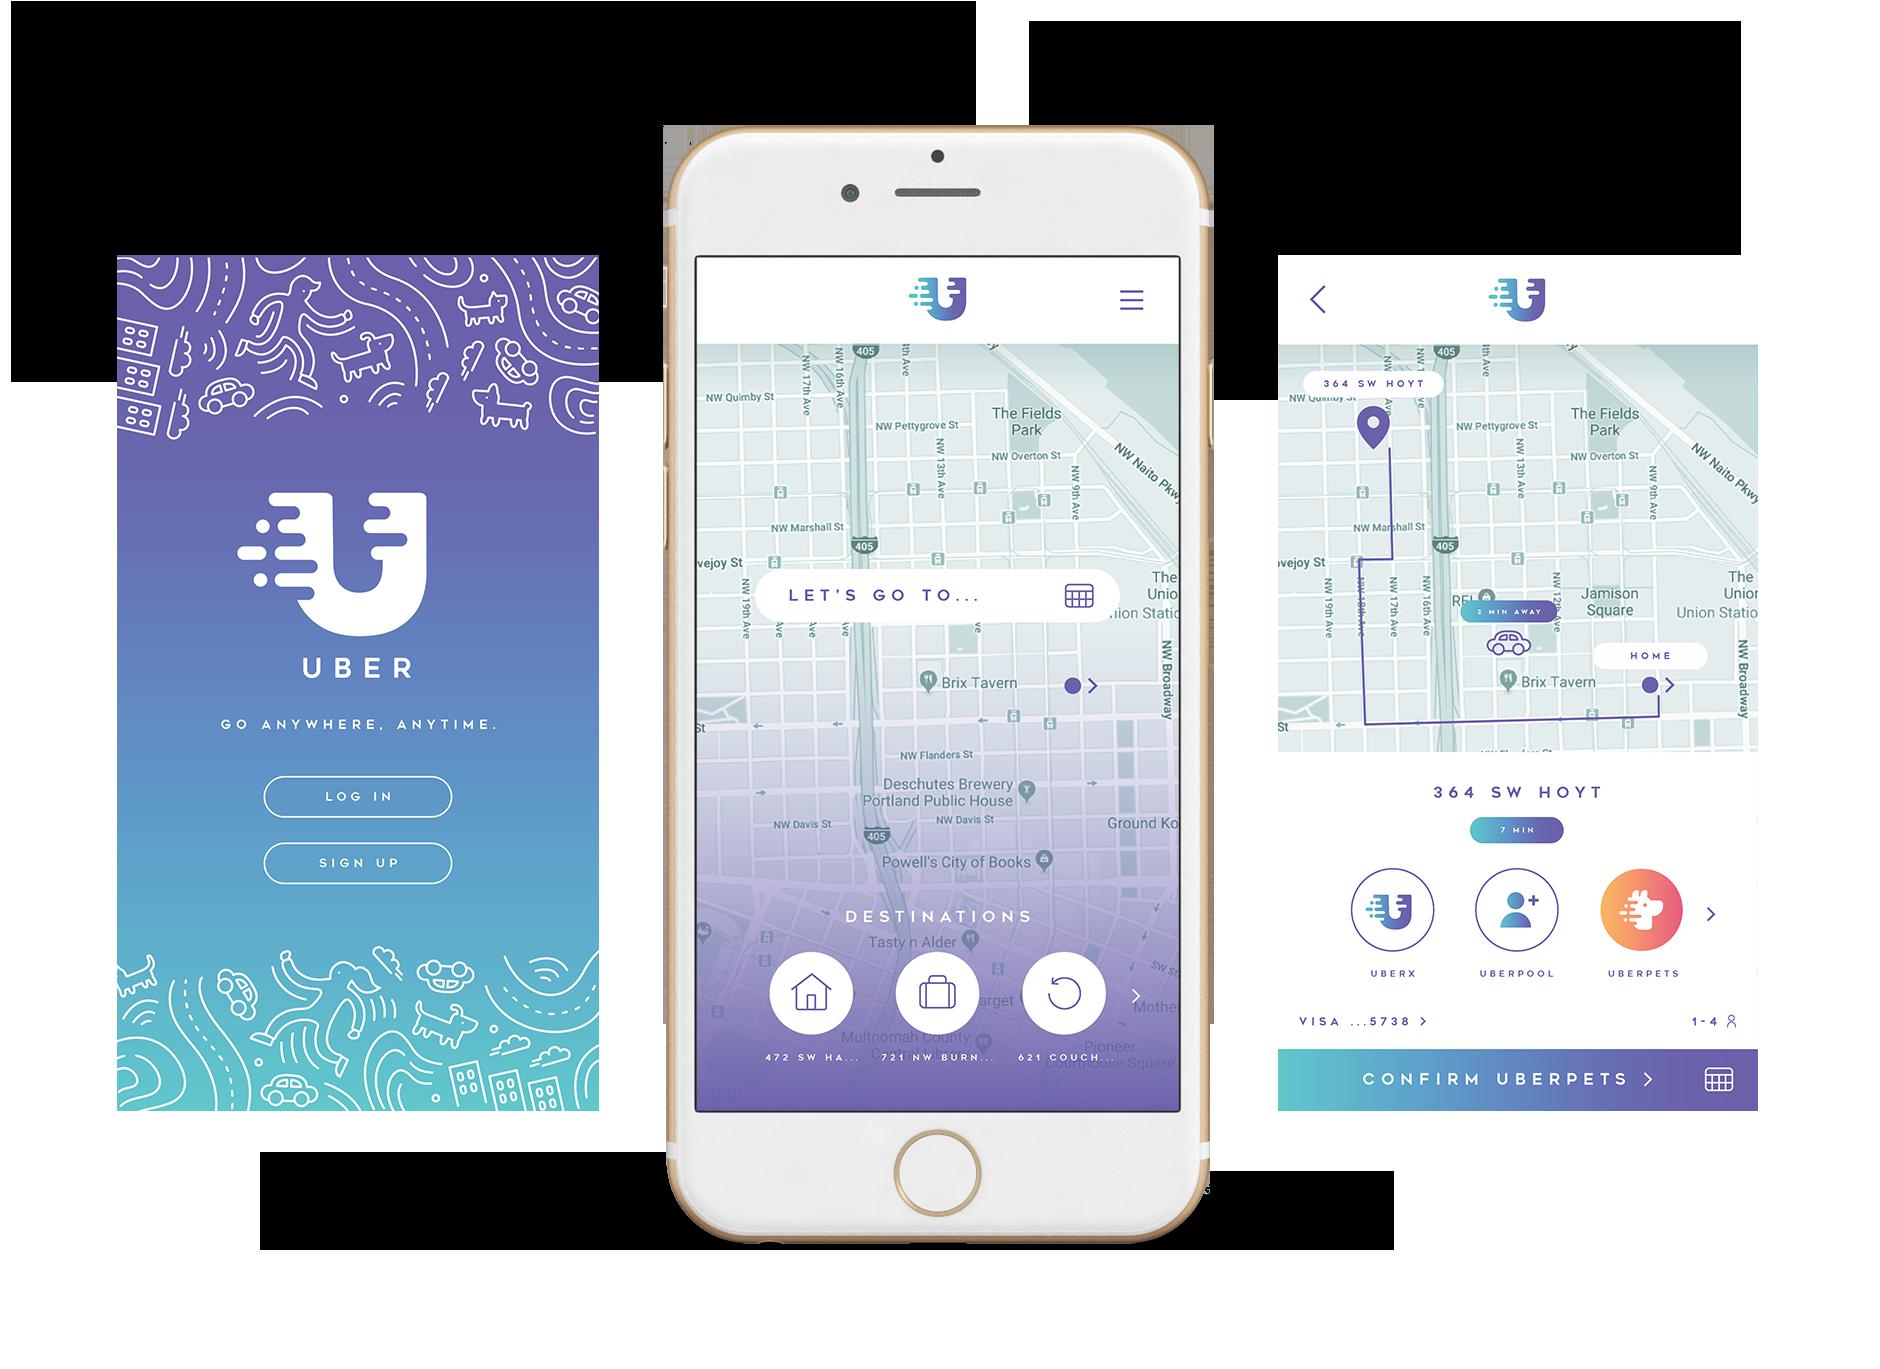 uber_app_transparent.png